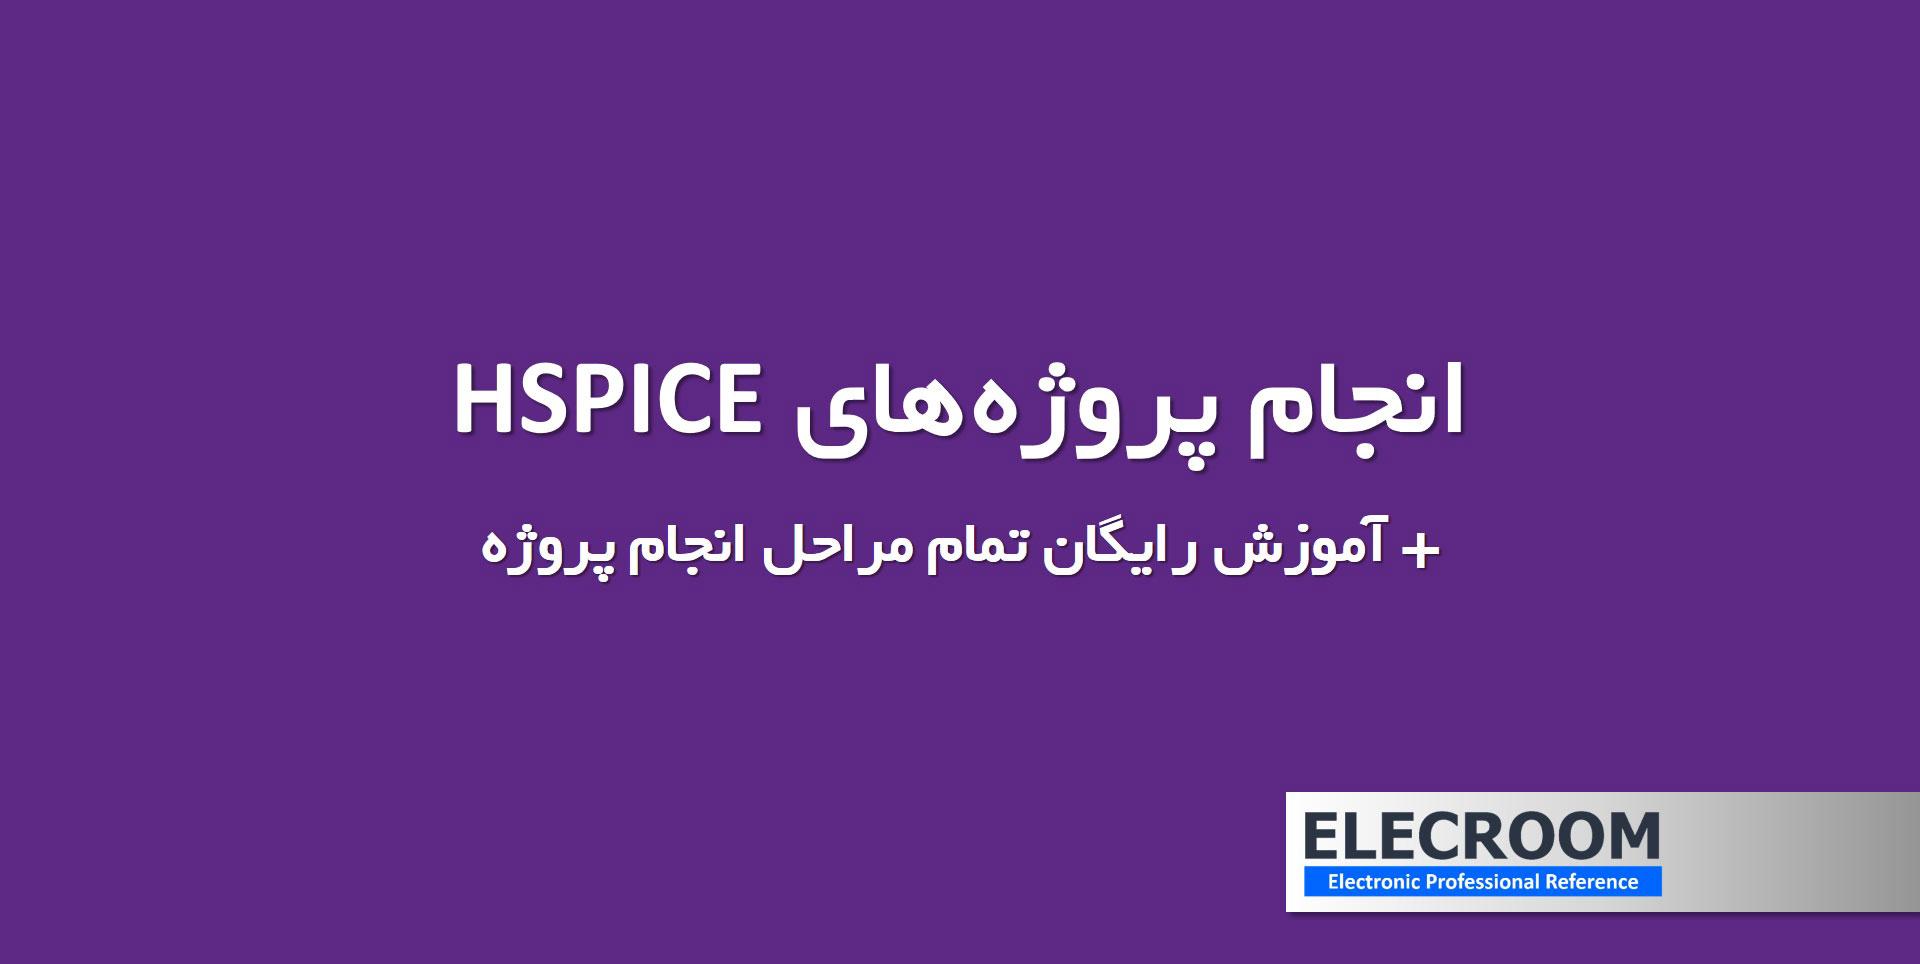 انجام پروژه های HSPICE با آموزش رایگان